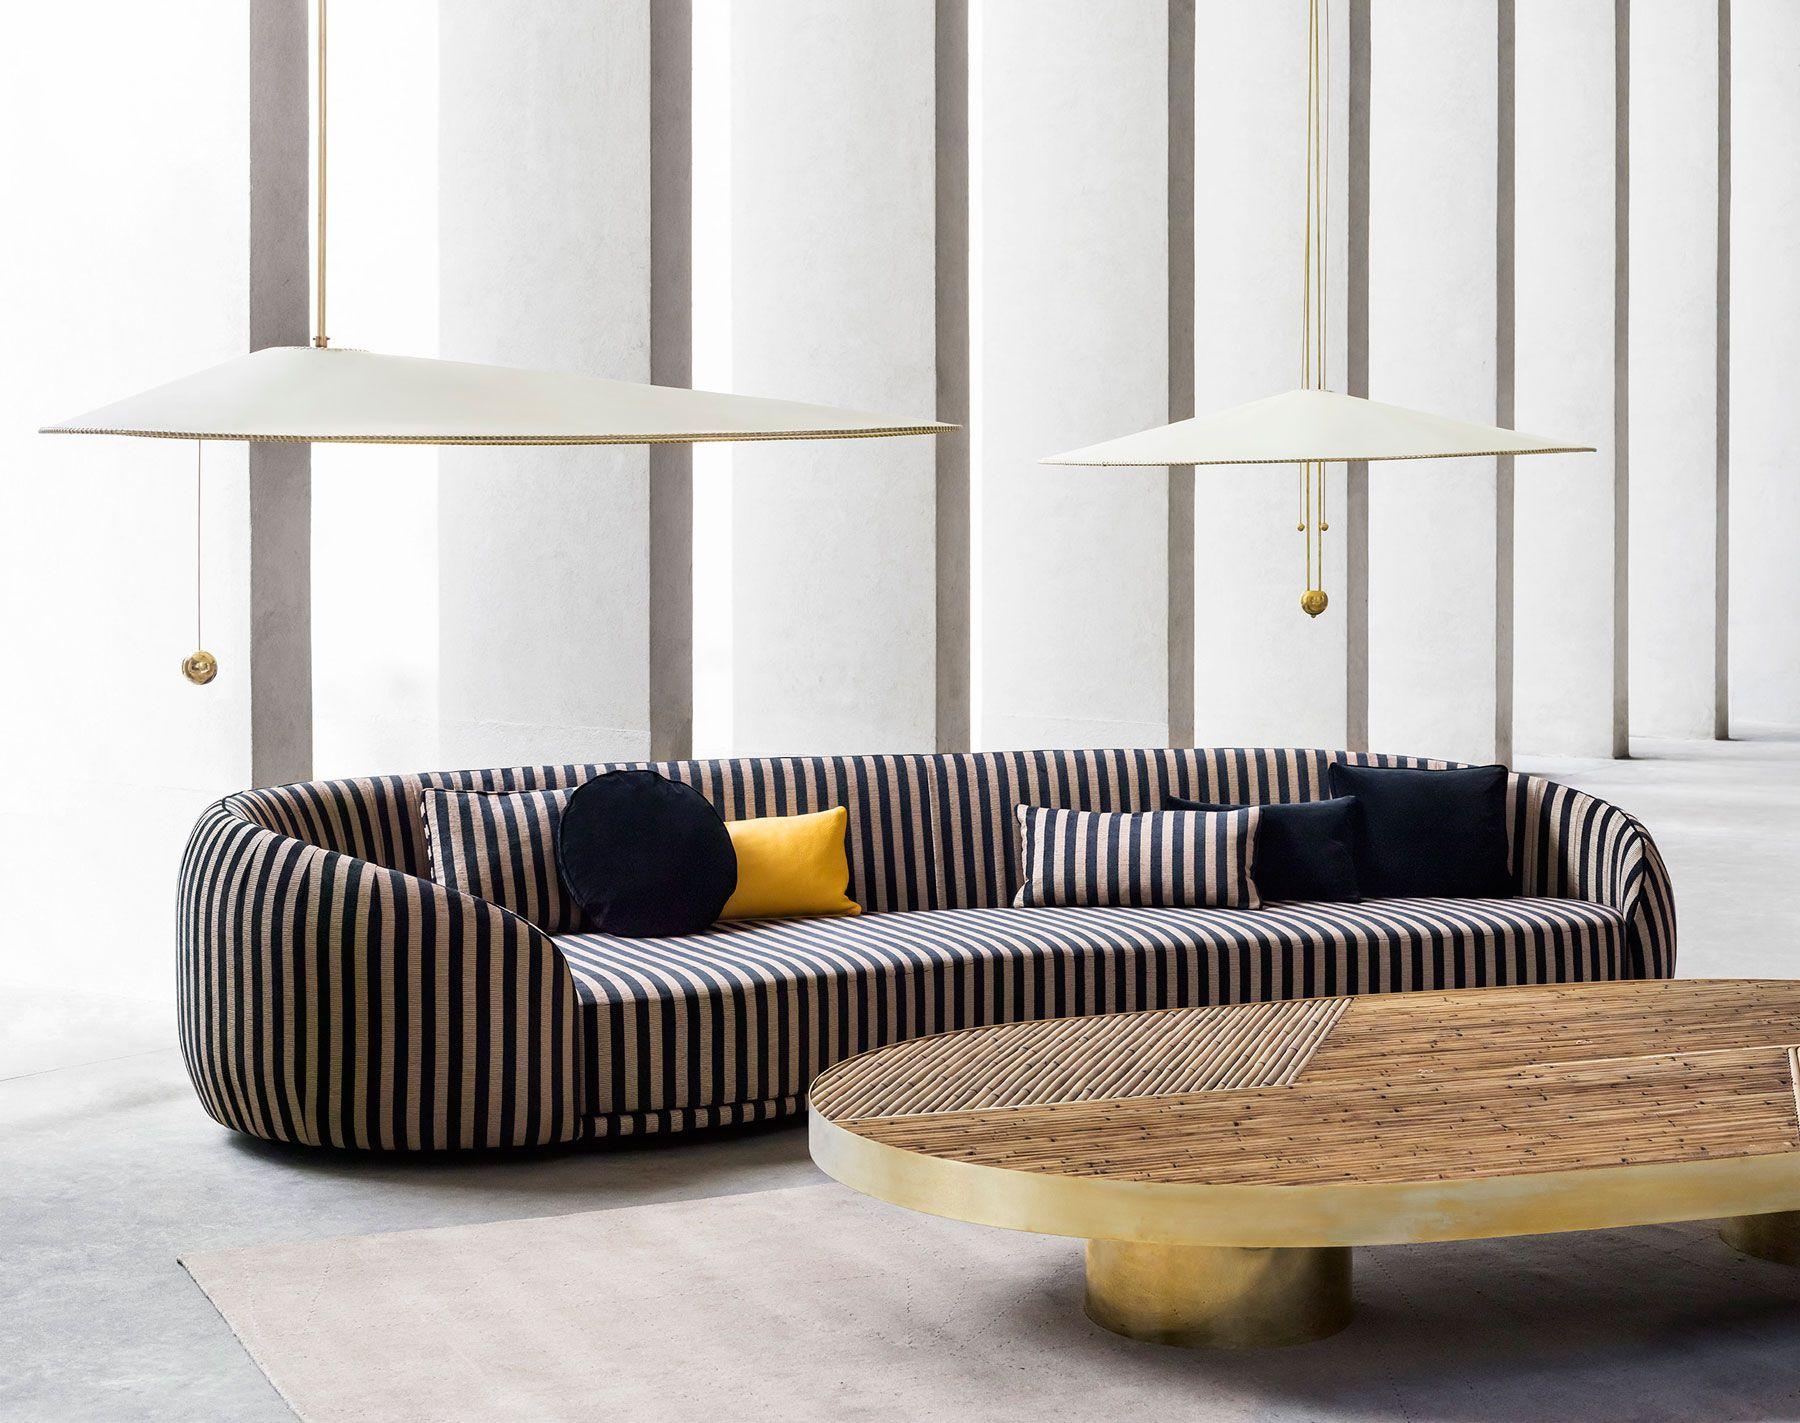 Fendi arredamento ~ Welcome collection by chiara andreatti for fendi collection